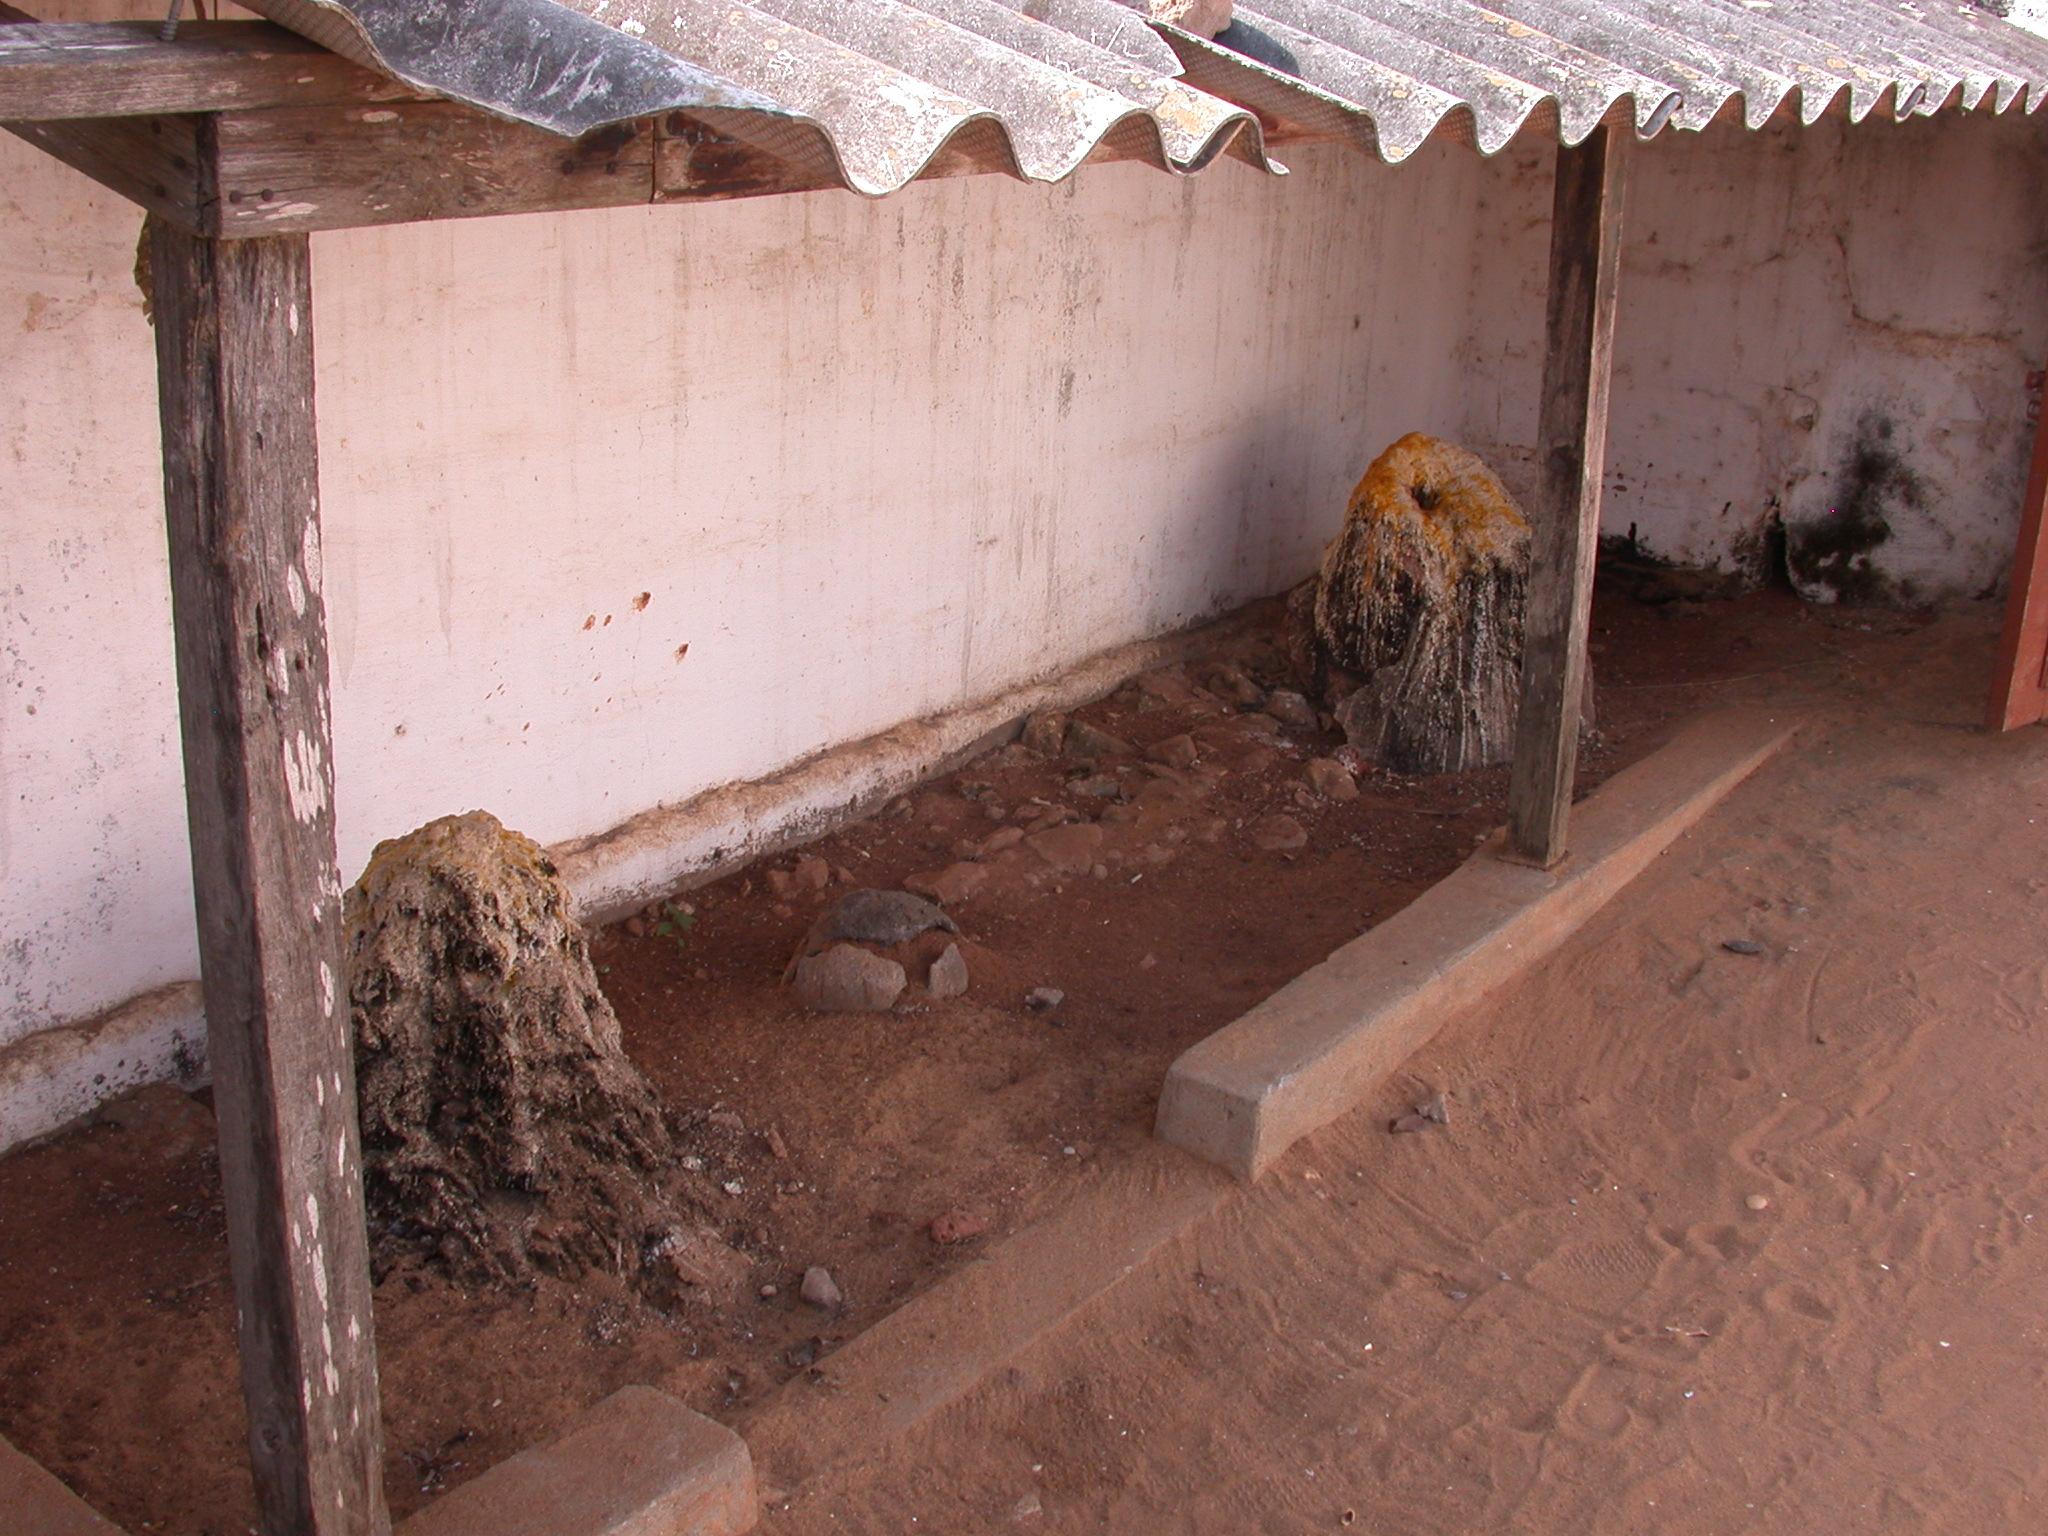 Shrines, Daagbo Hounon Dodo Palace, Ouidah, Benin